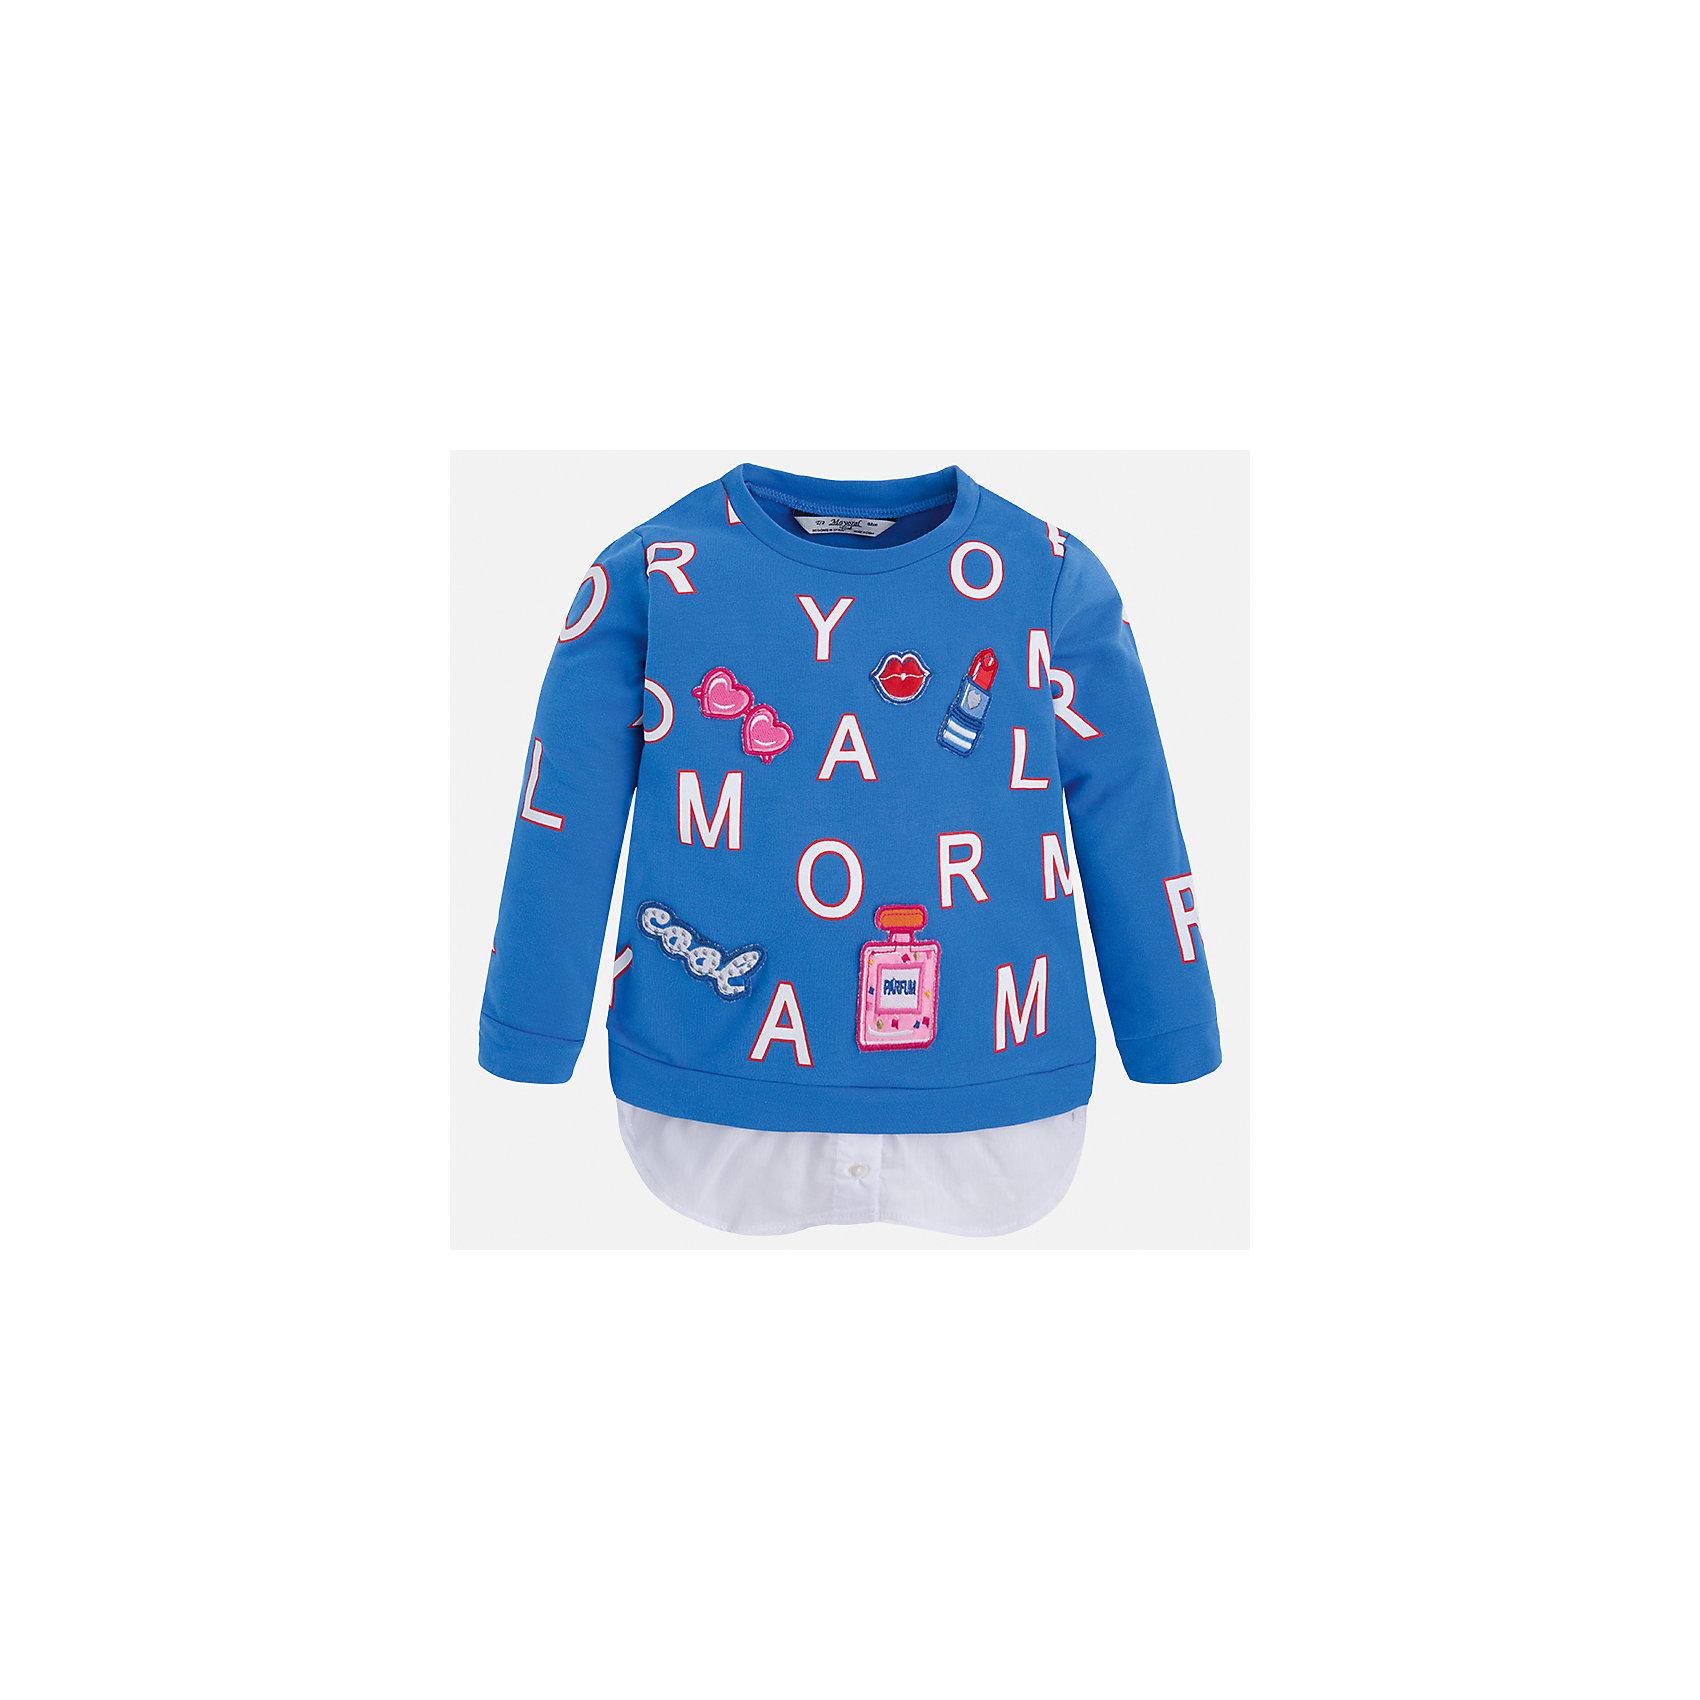 Толстовка для девочки MayoralТолстовки<br>Характеристики товара:<br><br>• цвет: синий<br>• состав: 95% хлопок, 5% эластан<br>• украшен принтом<br>• ворот - округлый<br>• с длинными рукавами <br>• манжеты<br>• страна бренда: Испания<br><br>Удобный и красивый свитер для девочки поможет разнообразить гардероб ребенка и украсить наряд. Он отлично сочетается и с юбками, и с брюками. Яркий цвет позволяет подобрать к вещи низ различных расцветок. Интересная отделка модели делает её нарядной и оригинальной. <br><br>Одежда, обувь и аксессуары от испанского бренда Mayoral полюбились детям и взрослым по всему миру. Модели этой марки - стильные и удобные. Для их производства используются только безопасные, качественные материалы и фурнитура. Порадуйте ребенка модными и красивыми вещами от Mayoral! <br><br>Свитер для девочки от испанского бренда Mayoral (Майорал) можно купить в нашем интернет-магазине.<br><br>Ширина мм: 190<br>Глубина мм: 74<br>Высота мм: 229<br>Вес г: 236<br>Цвет: синий<br>Возраст от месяцев: 72<br>Возраст до месяцев: 84<br>Пол: Женский<br>Возраст: Детский<br>Размер: 122,116,110,104,98,92,134,128<br>SKU: 5290029